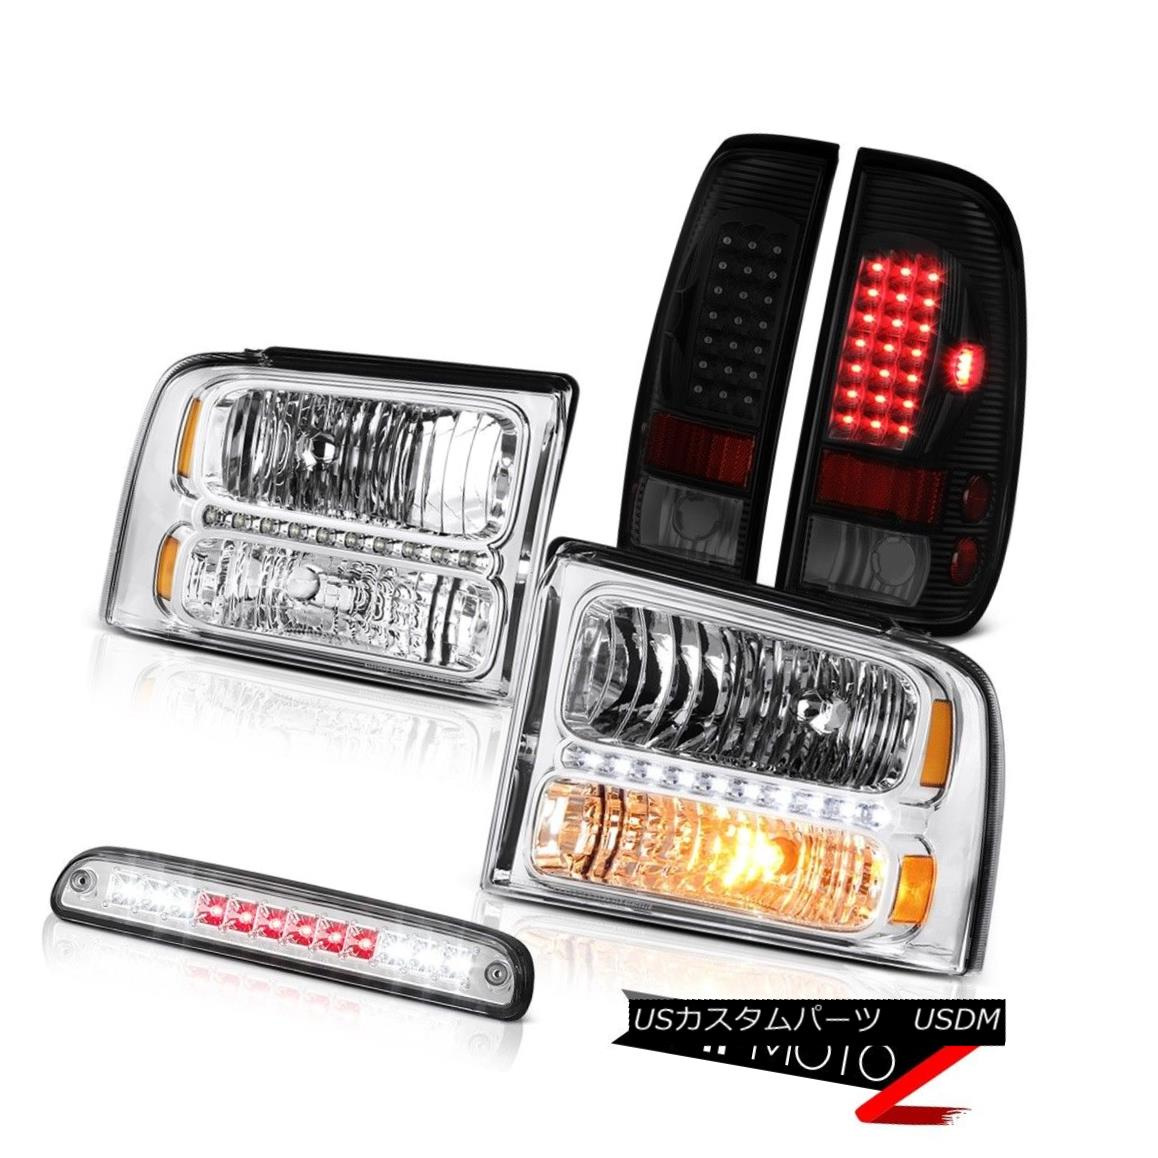 ヘッドライト 2005-2007 F250 King Ranch Chrome Headlamps Parking Brake Lights Roof Cab Light 2005-2007 F250キングランチクロームヘッドライトパーキングブレーキライトルーフキャブライト